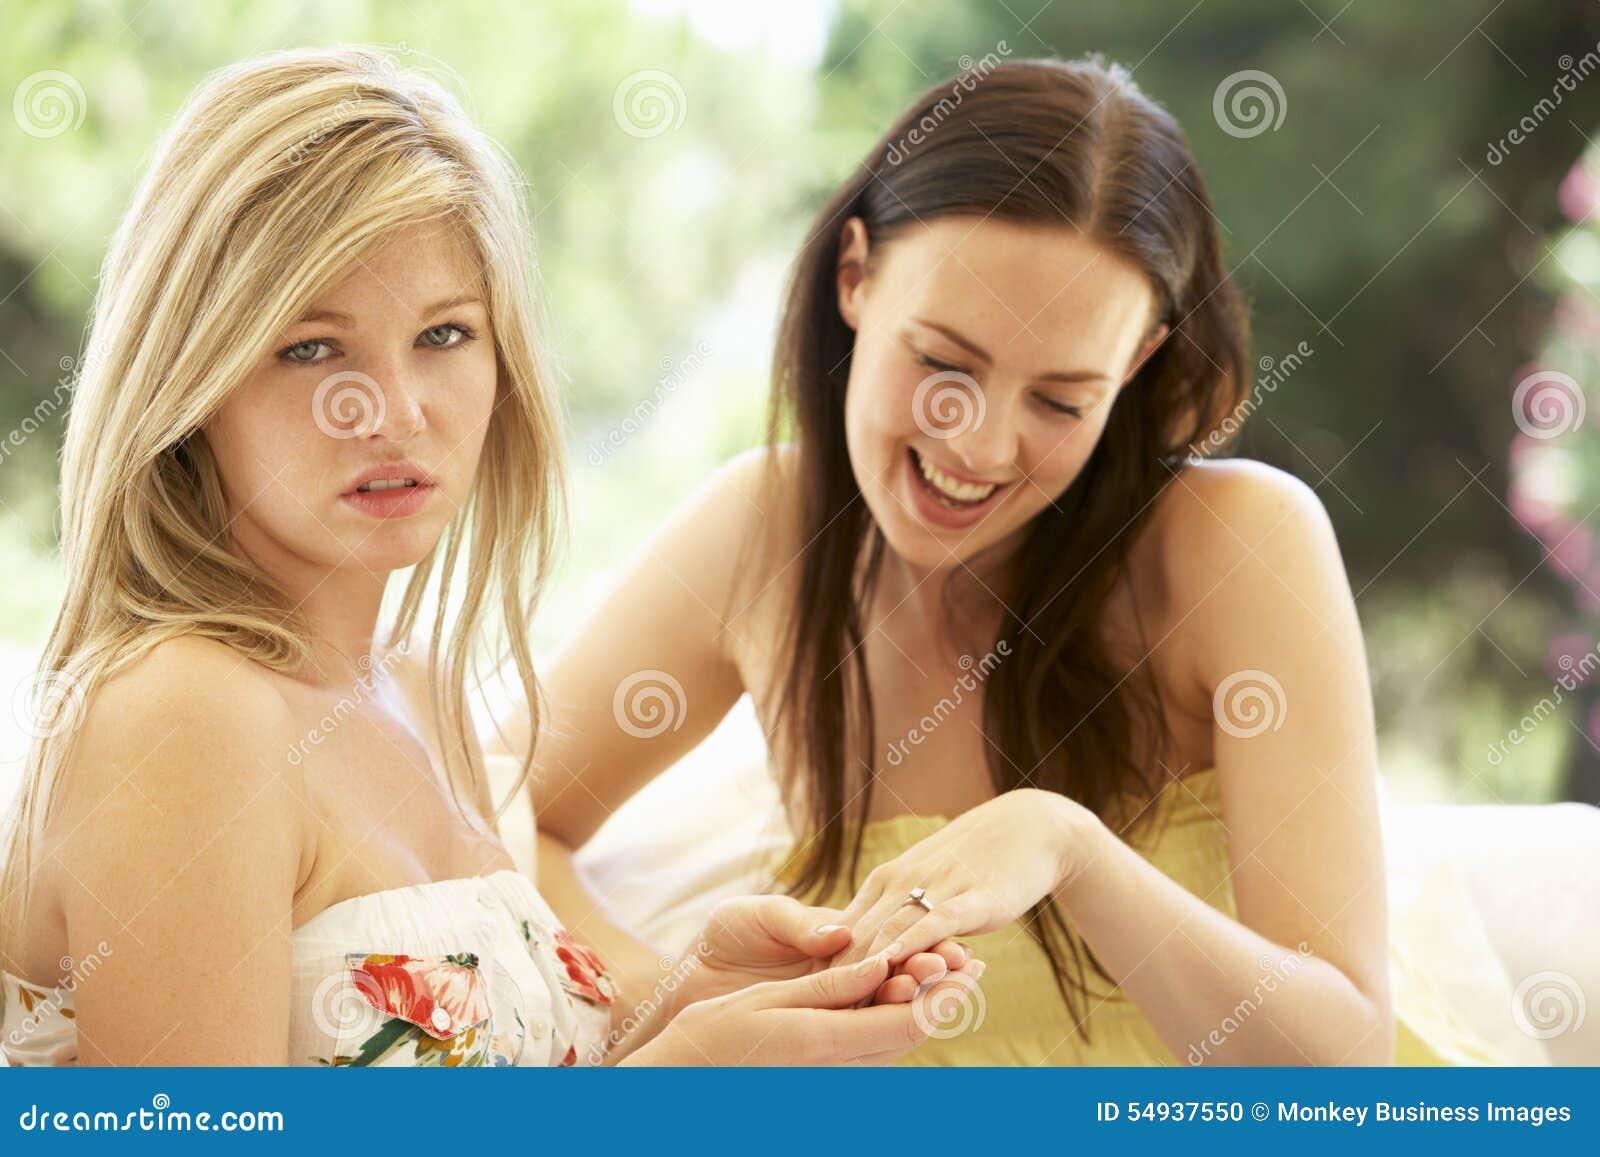 Junge Frau Die Eifersuchtigen Freund Verlobungsring Zeigt Stockfoto